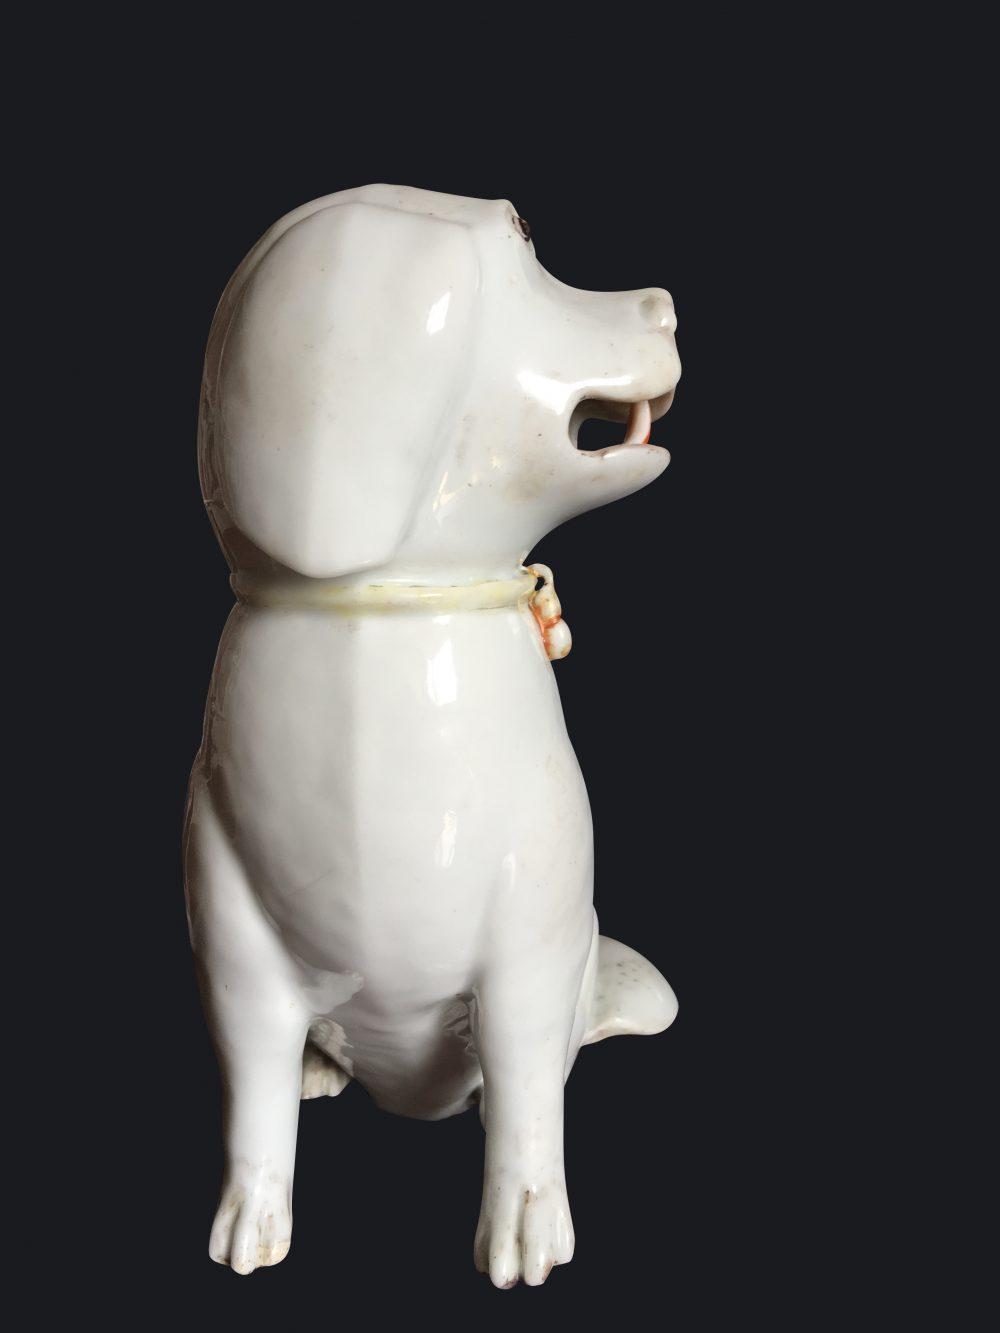 Biscuit de porcelaine Qianlong (1735-1795), Chine